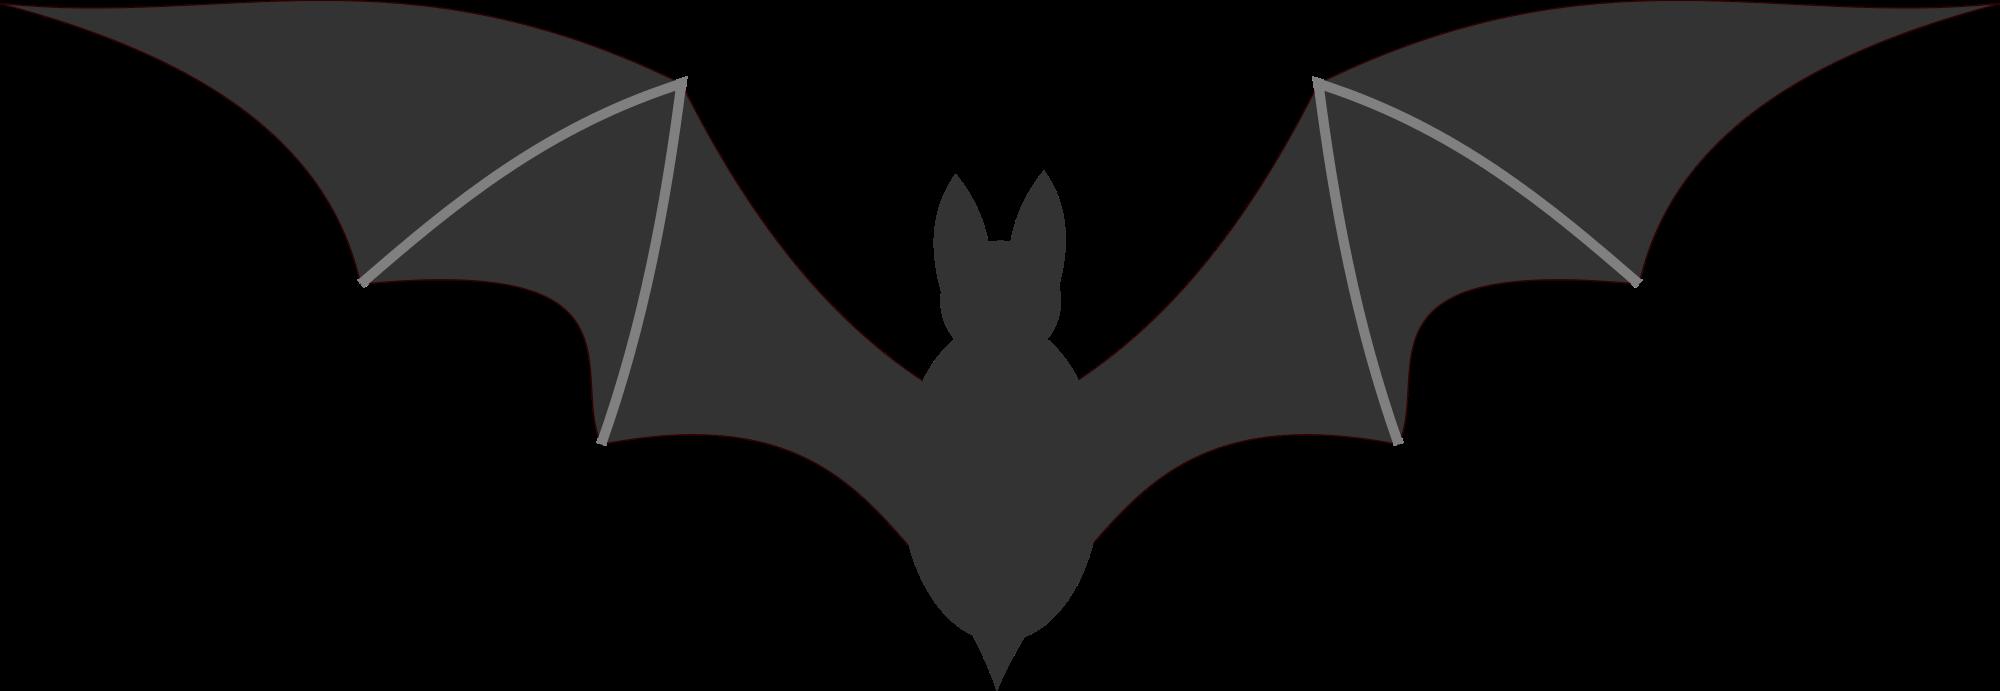 Bat svg #19, Download drawings